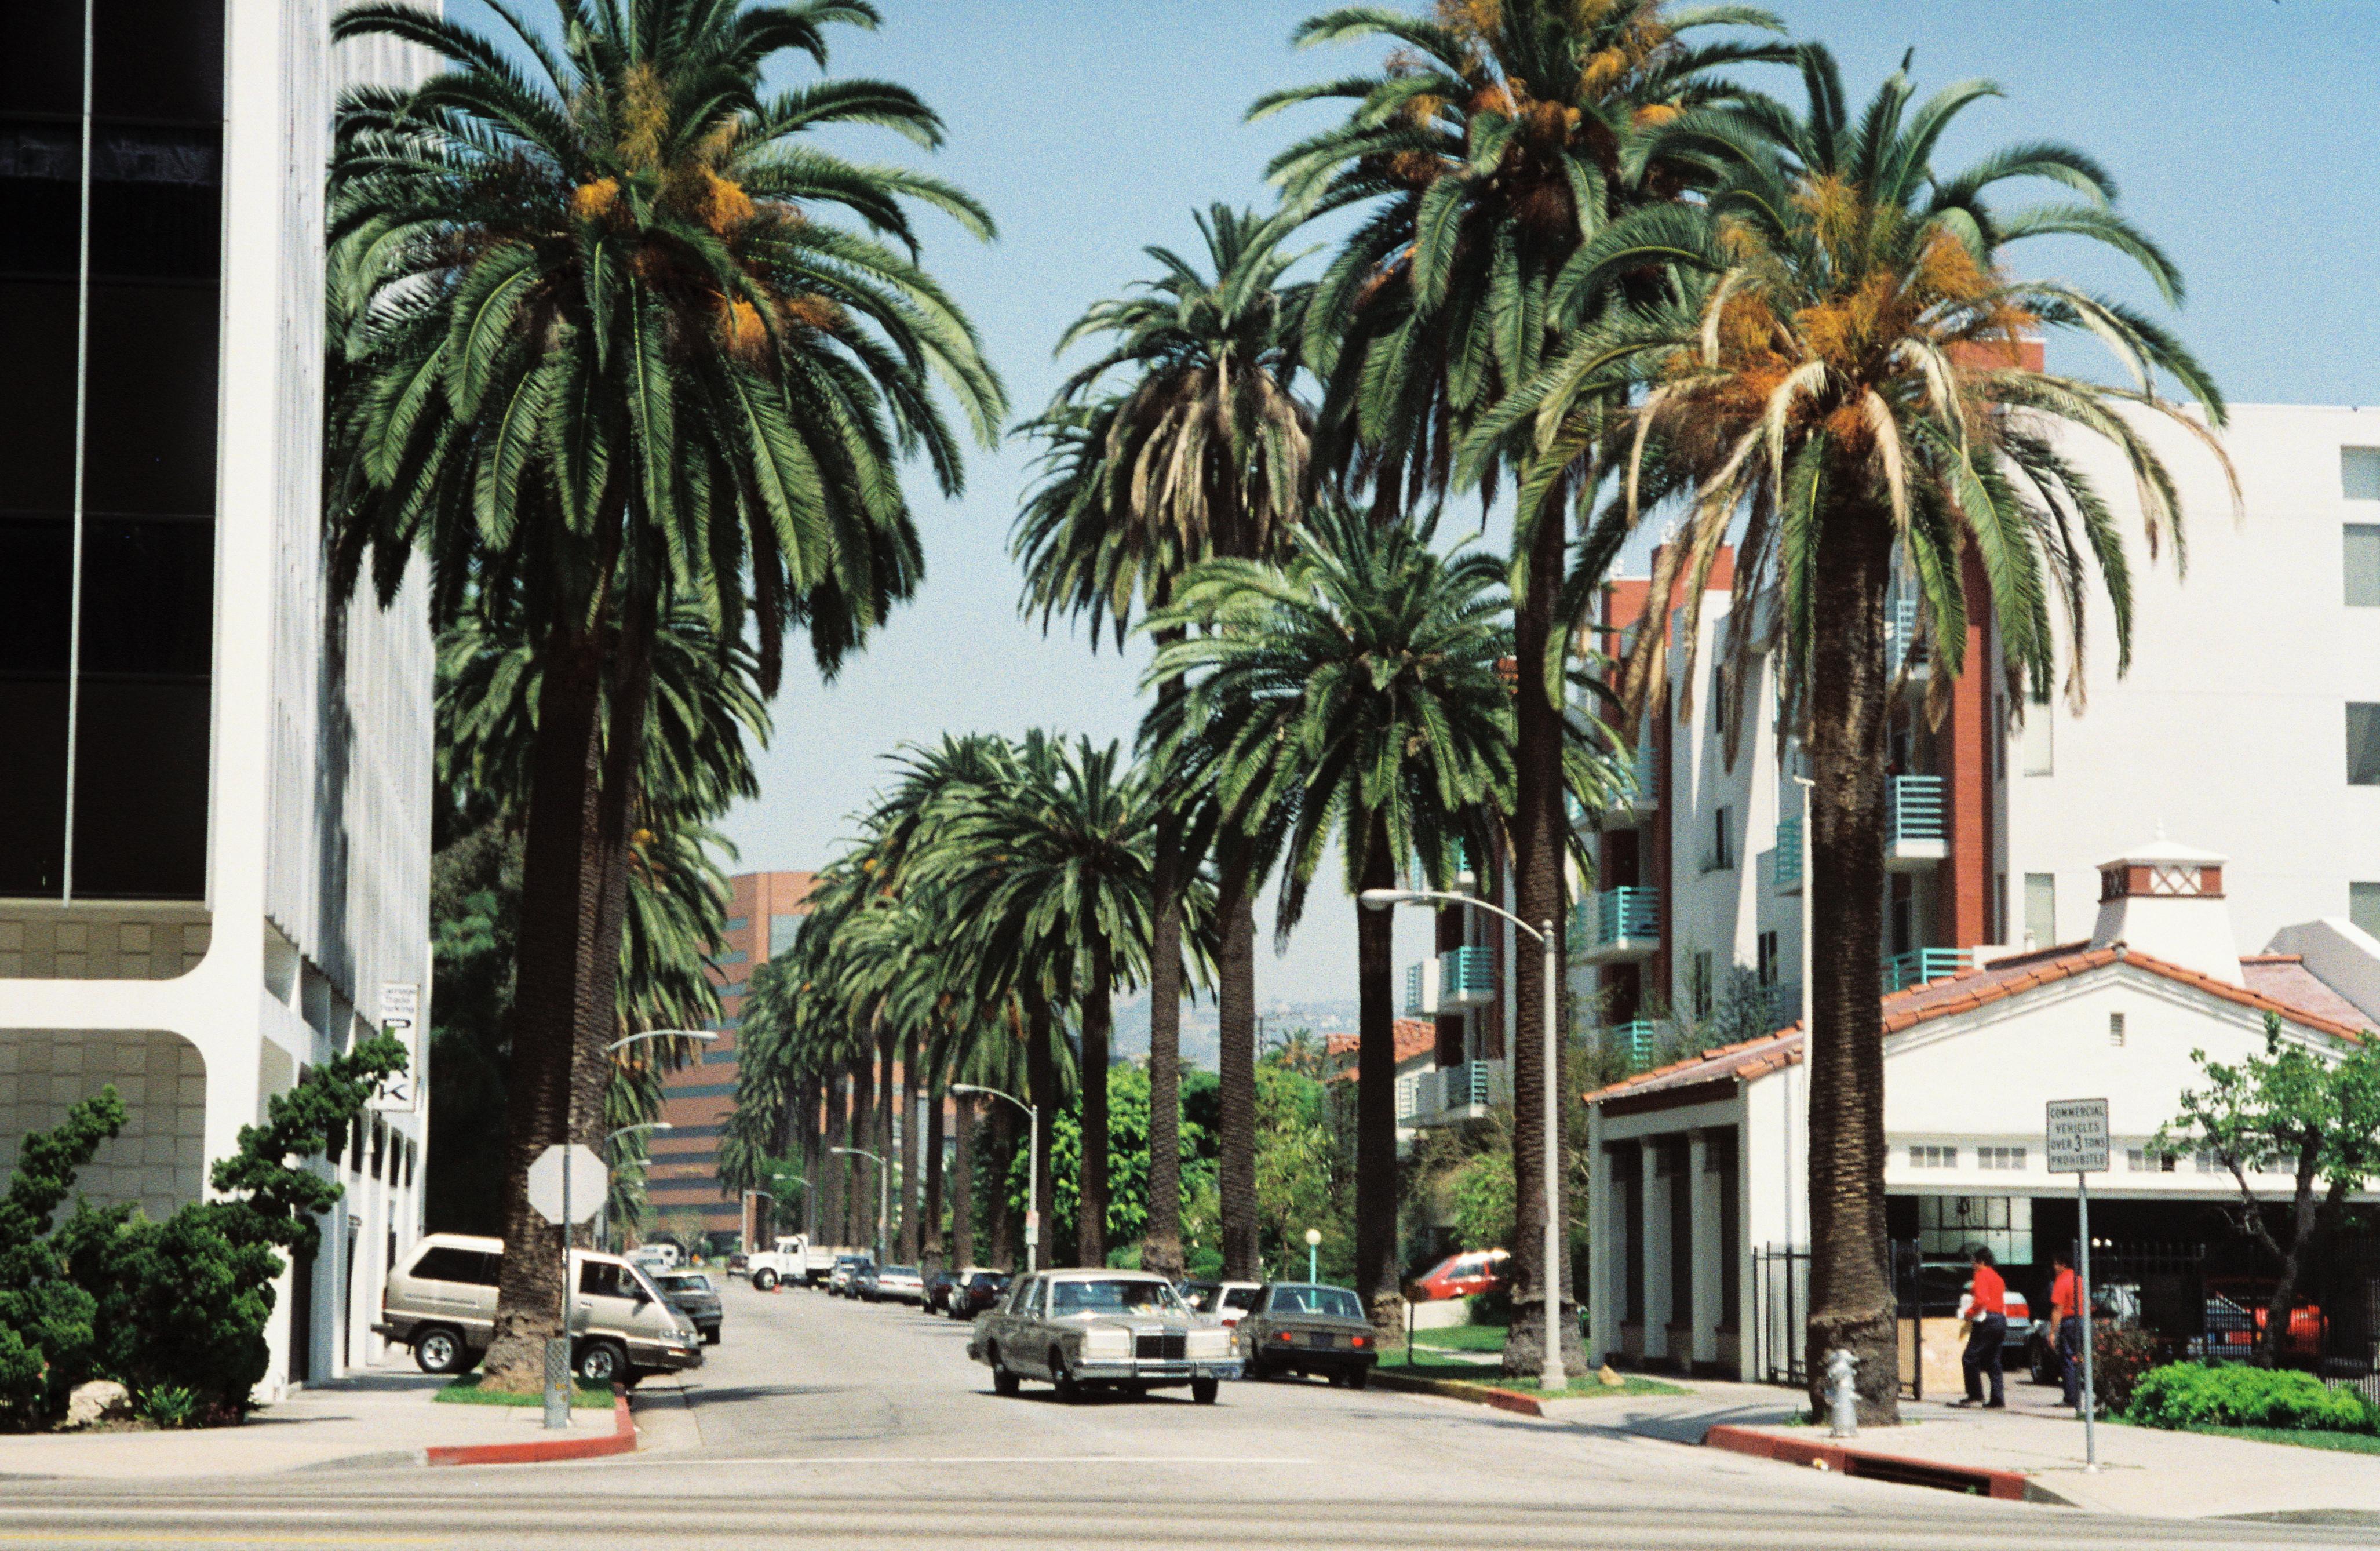 I Migliori Posti Dove Alloggiare A Los Angeles